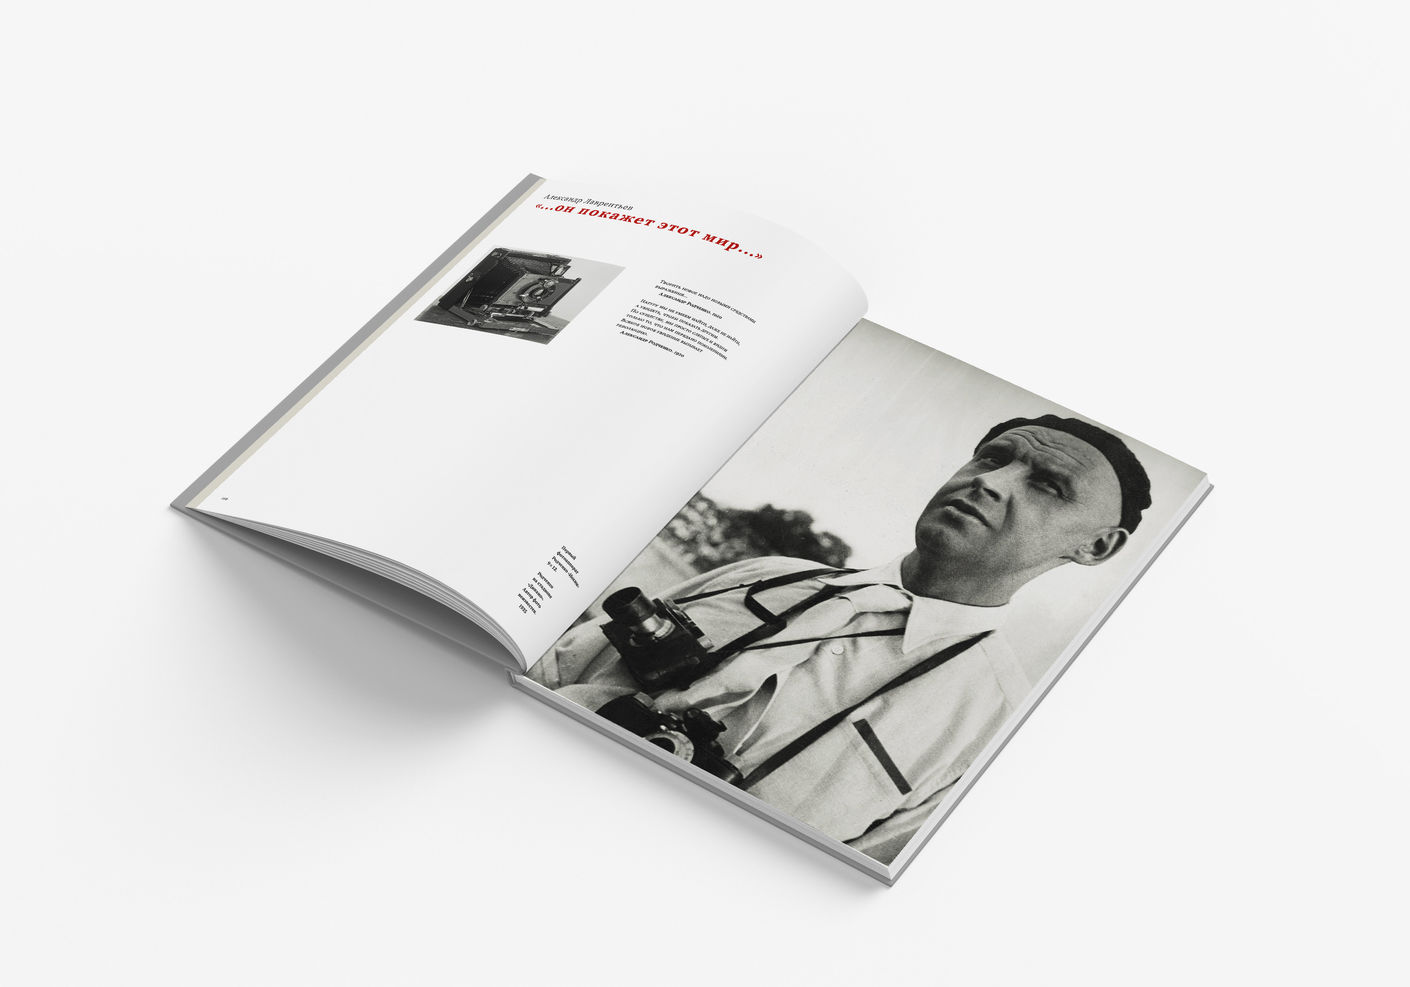 Издательство Лаборатории дизайна НИУ ВШЭ